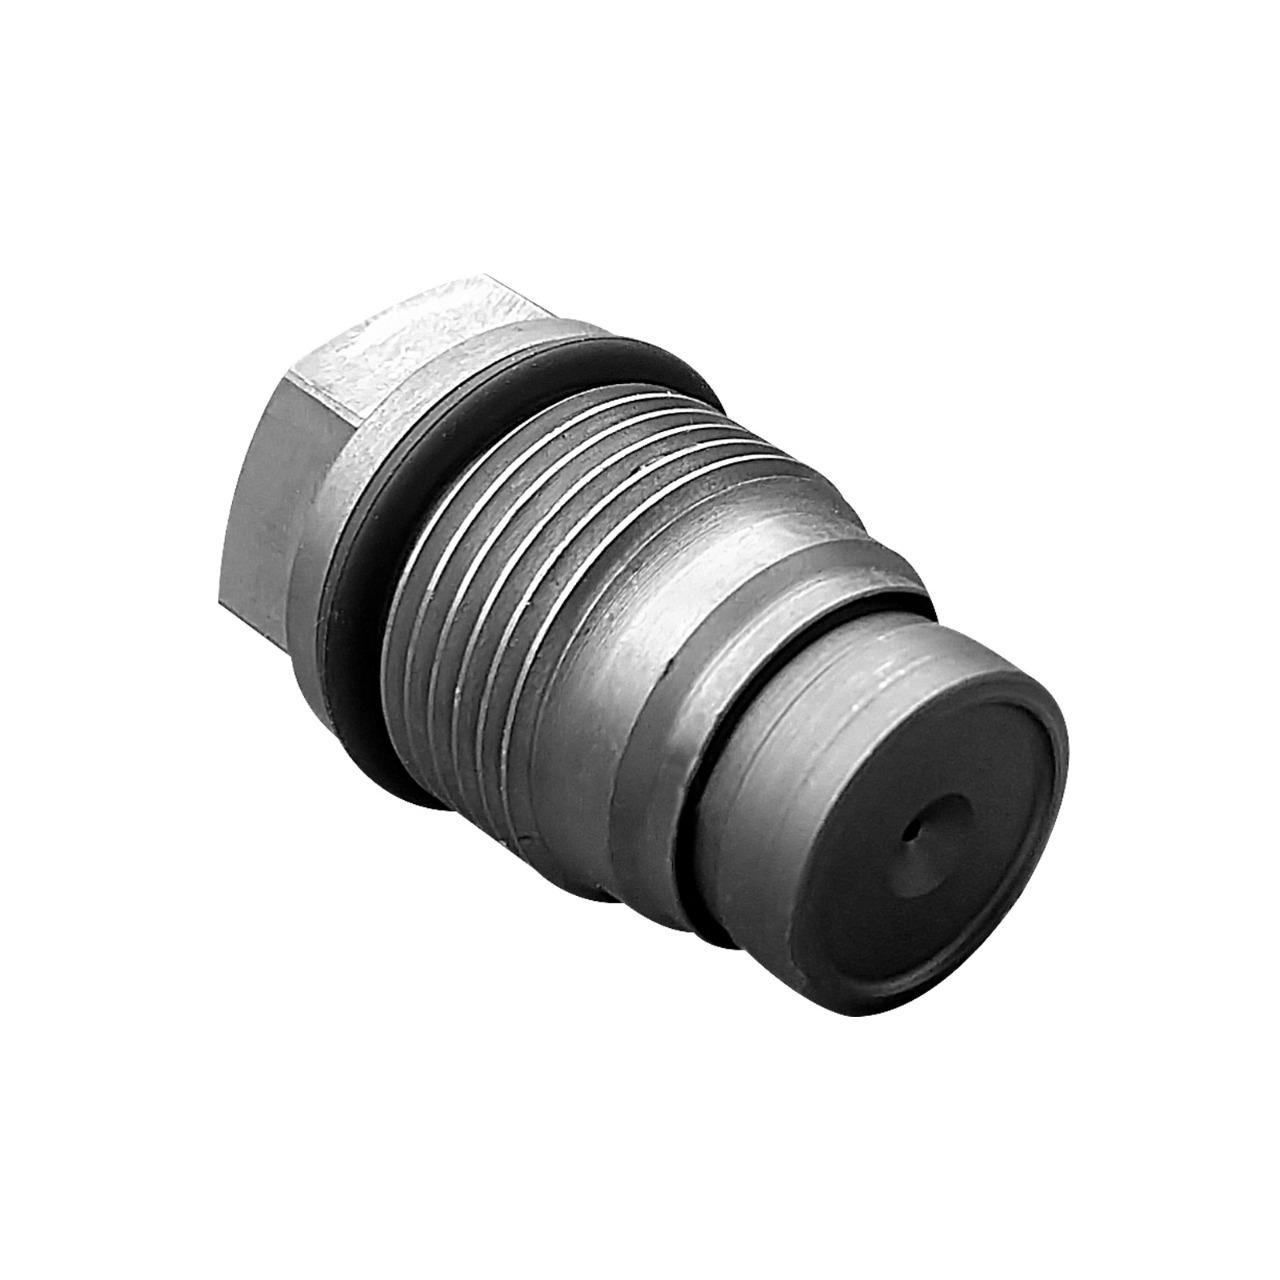 Válvula Limitadora de Pressão da Flauta ou Tubo Distribuidor 1110010025